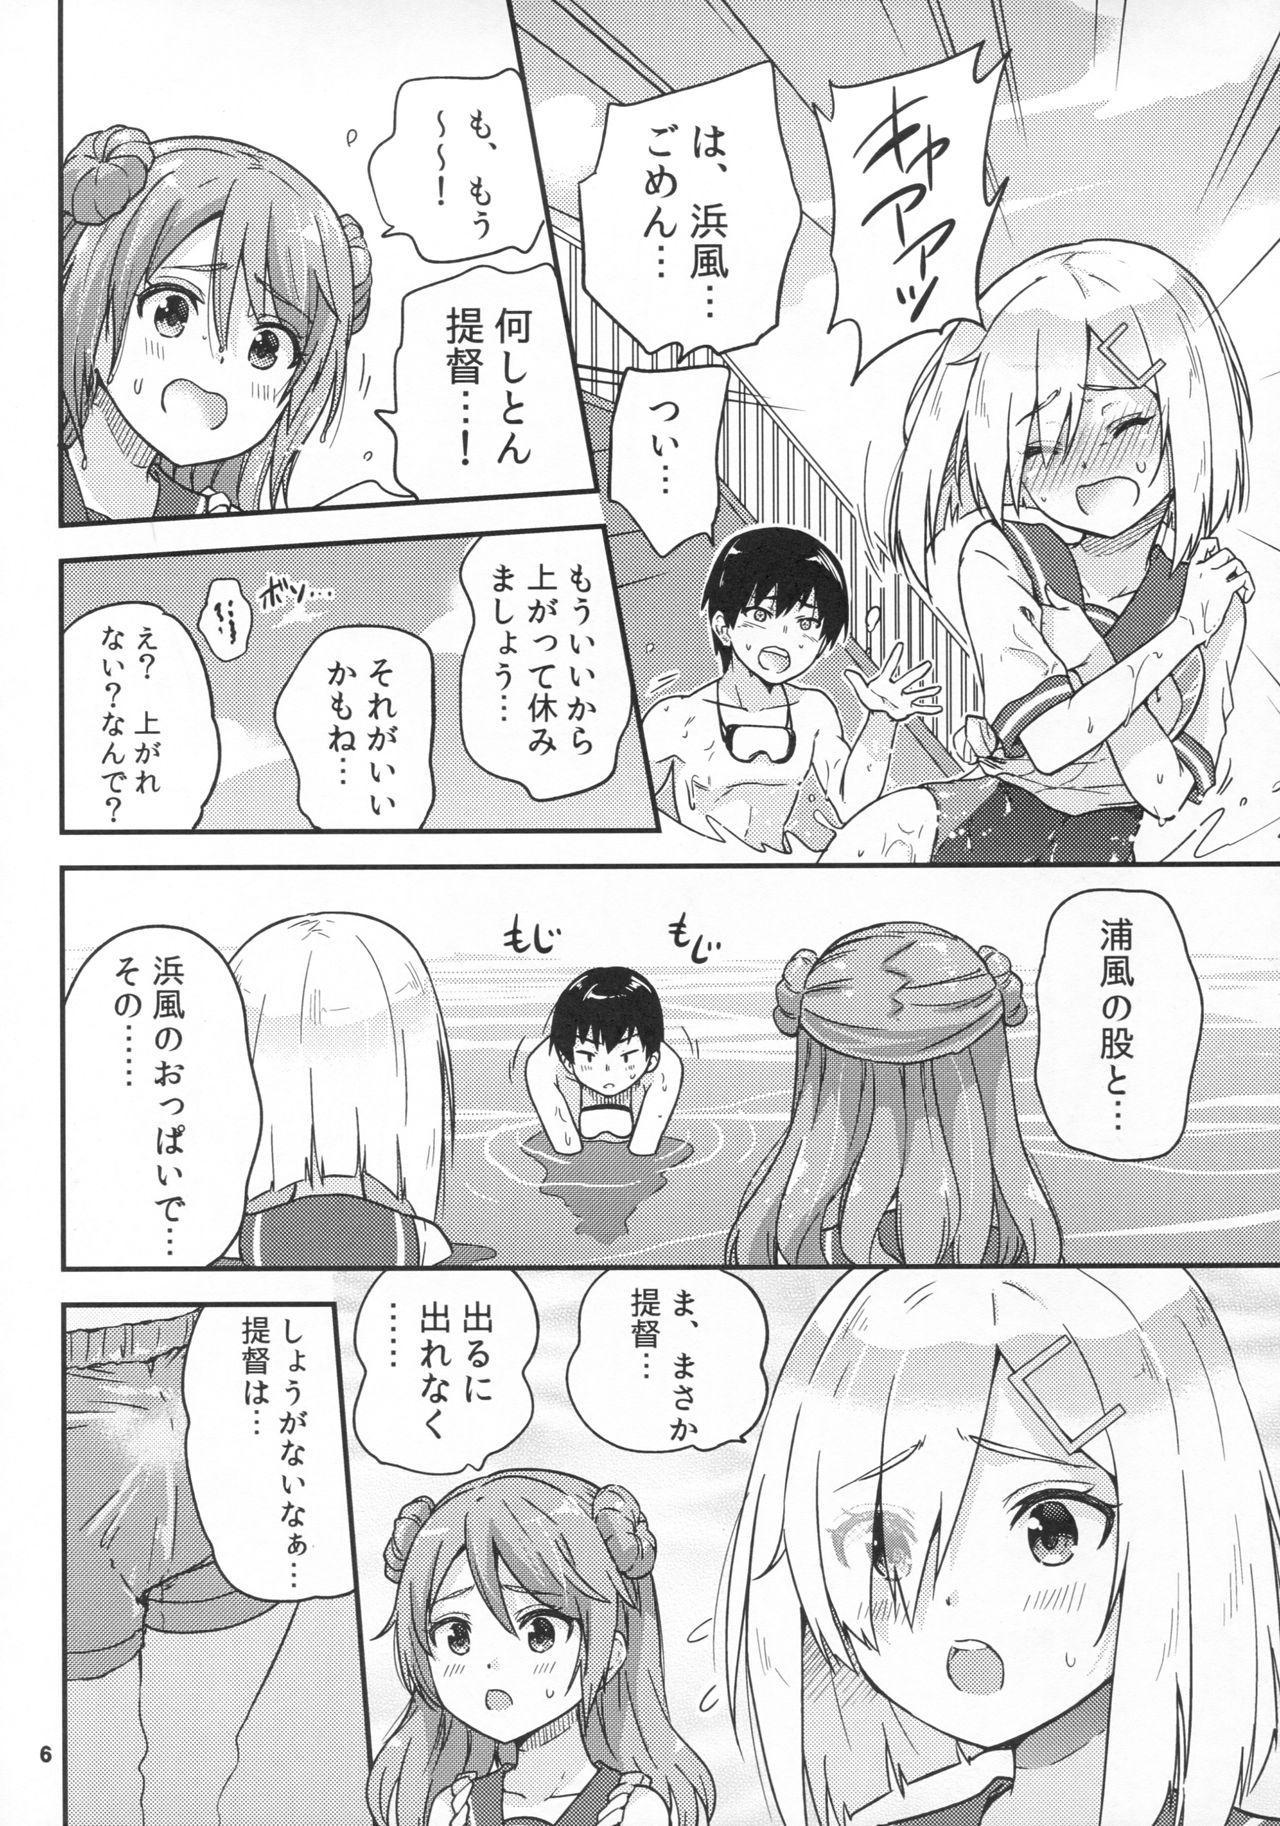 Hamakaze mo! Urakaze mo! Shimin Pool 3P Kouryakusen 6